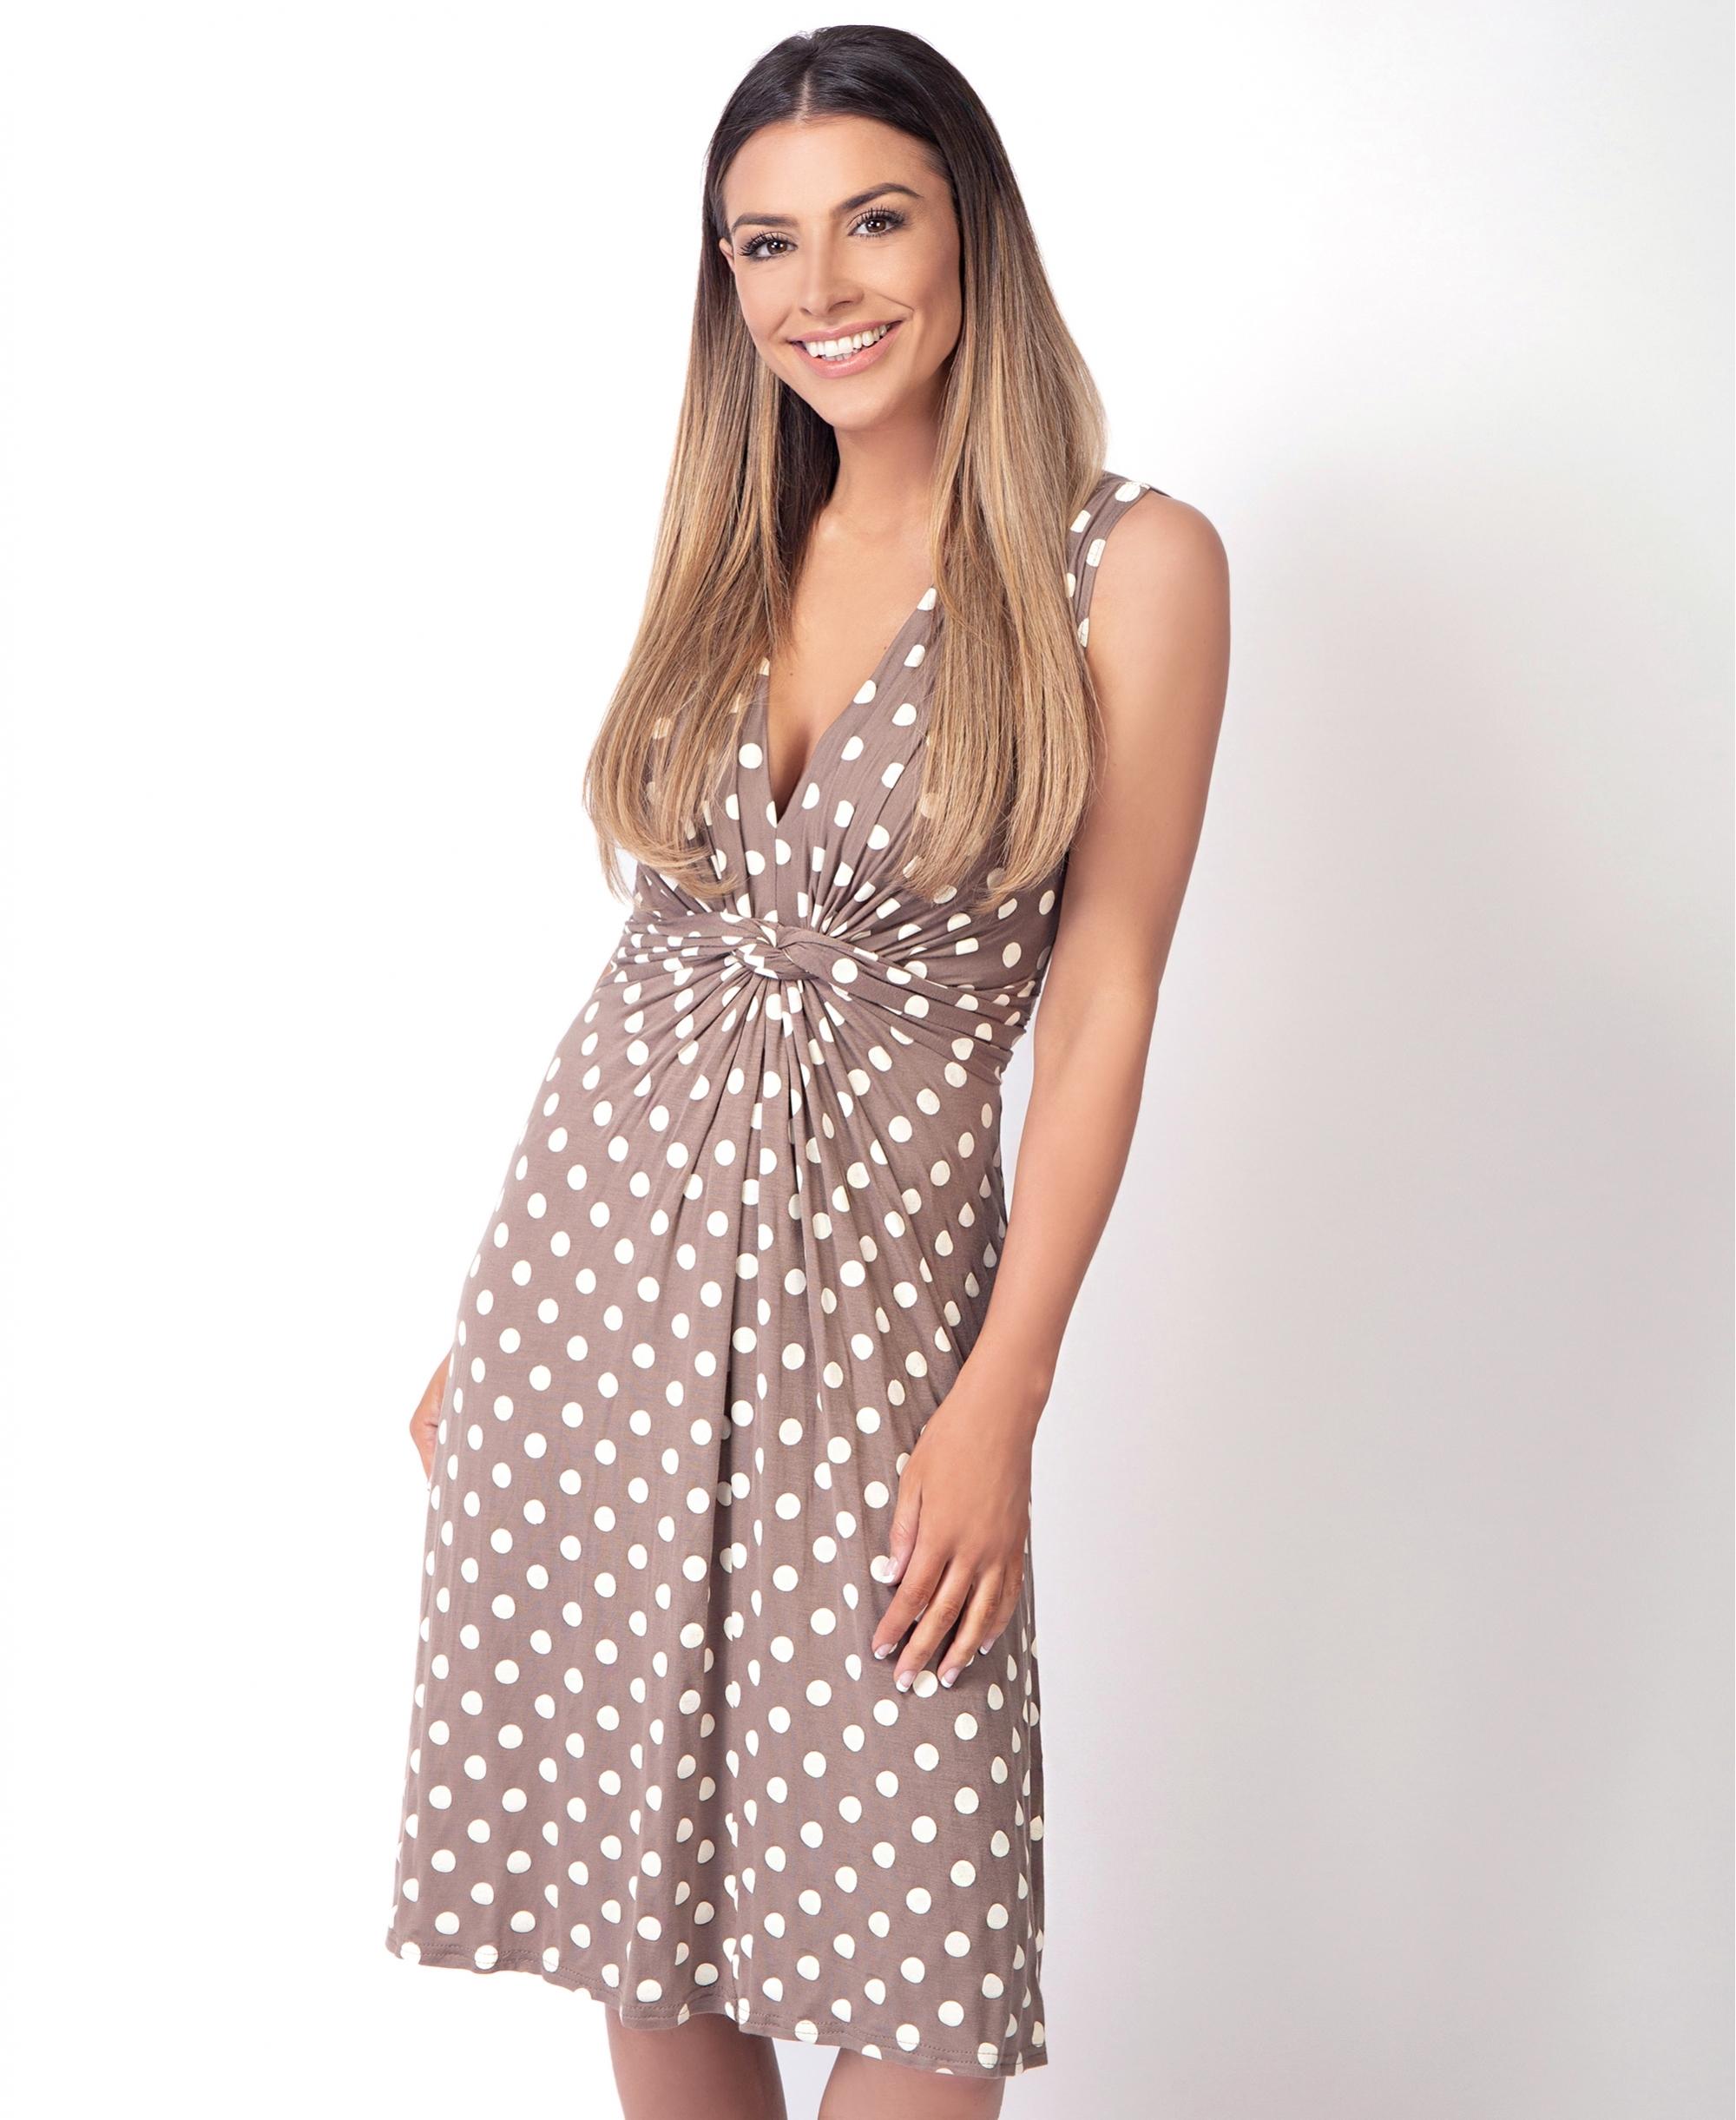 Dresses | Polka Dot Dresses | KRISP BASICS